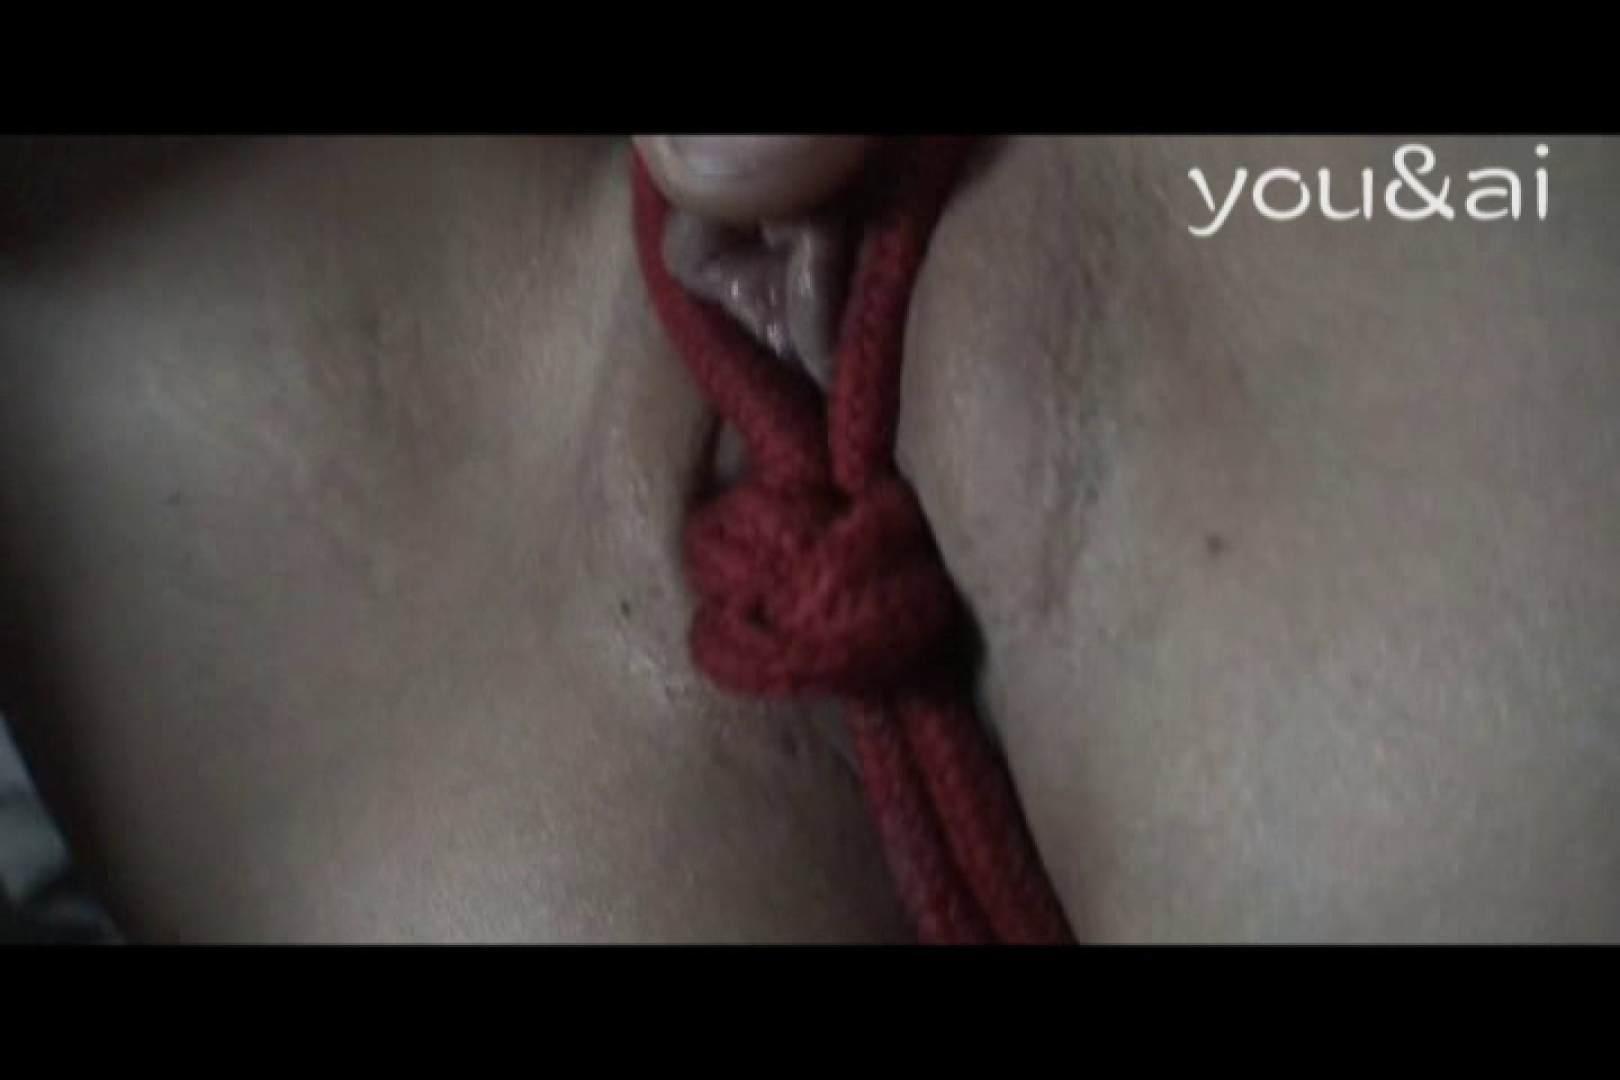 おしどり夫婦のyou&aiさん投稿作品vol.4 緊縛 ワレメ無修正動画無料 53連発 13